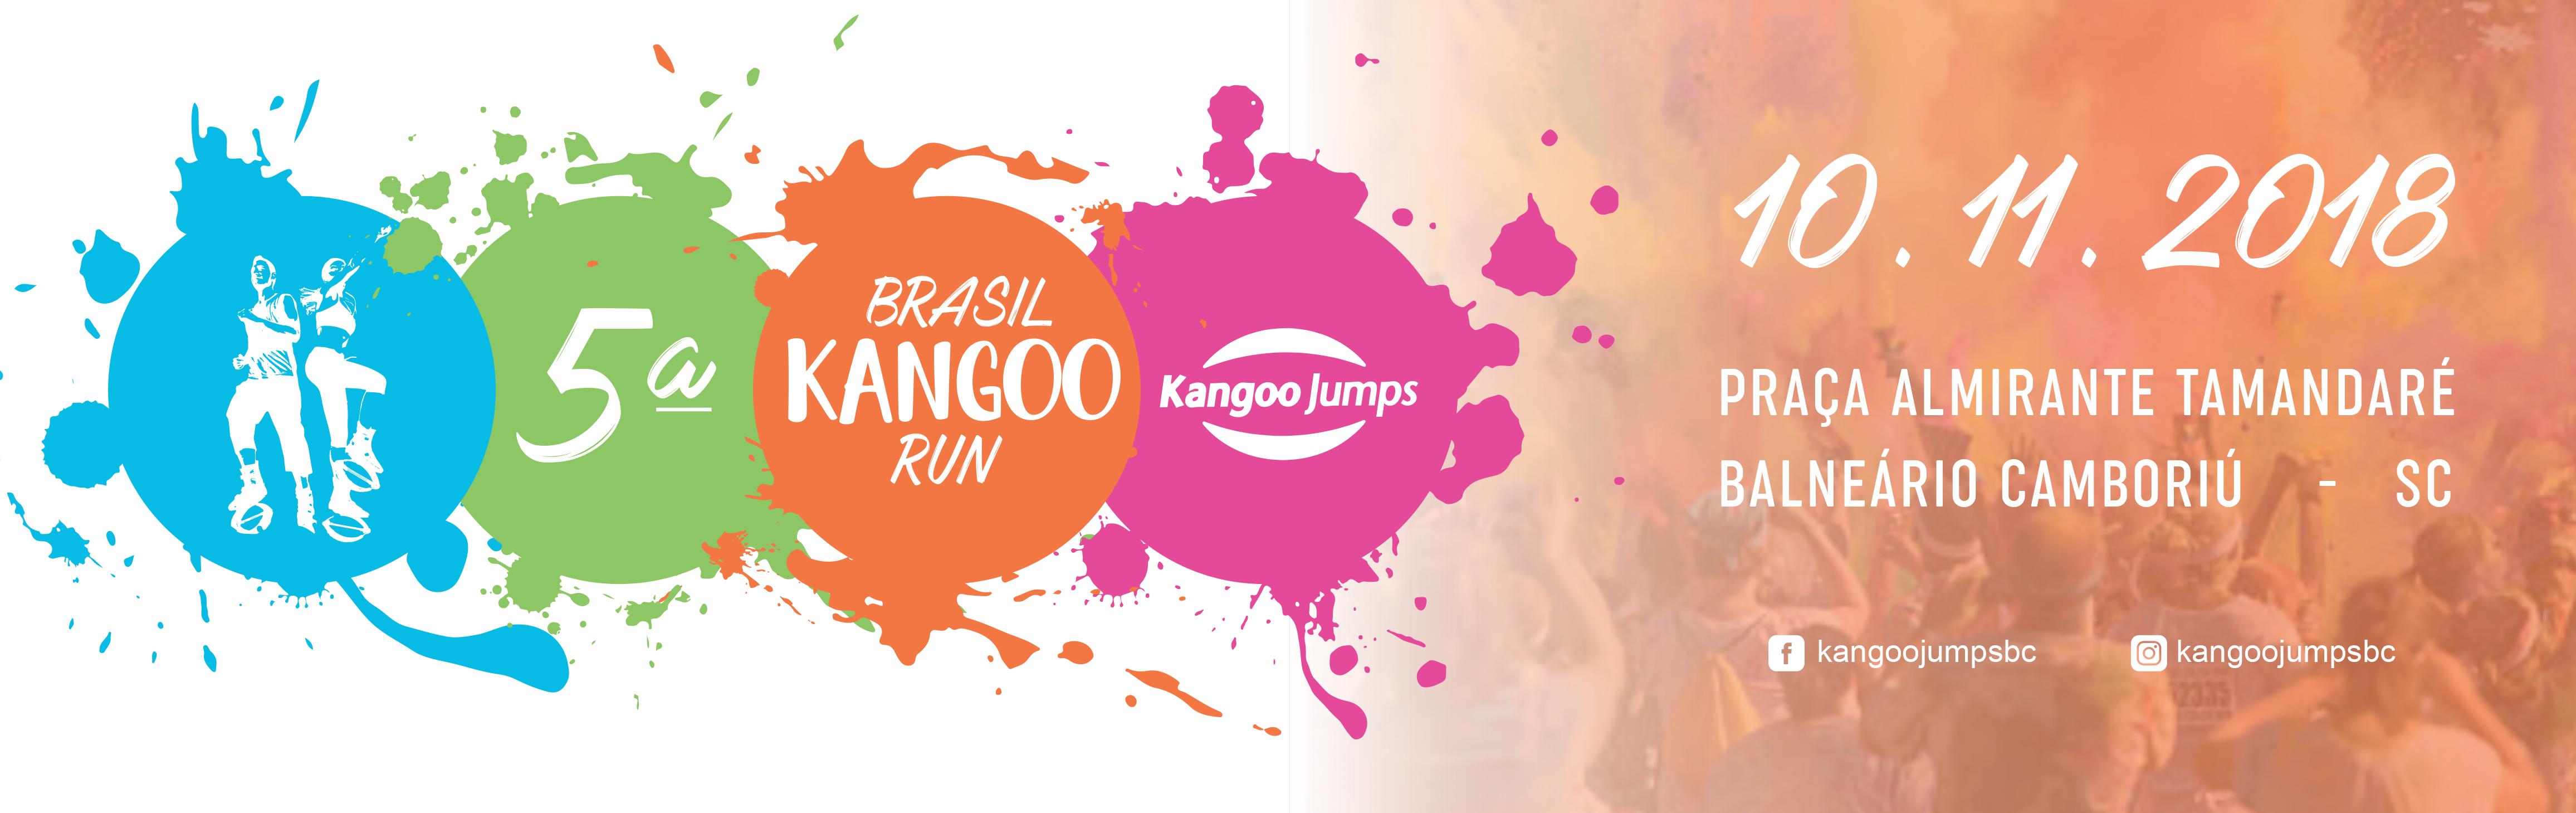 5ª Brasil Kangoo Run 2018